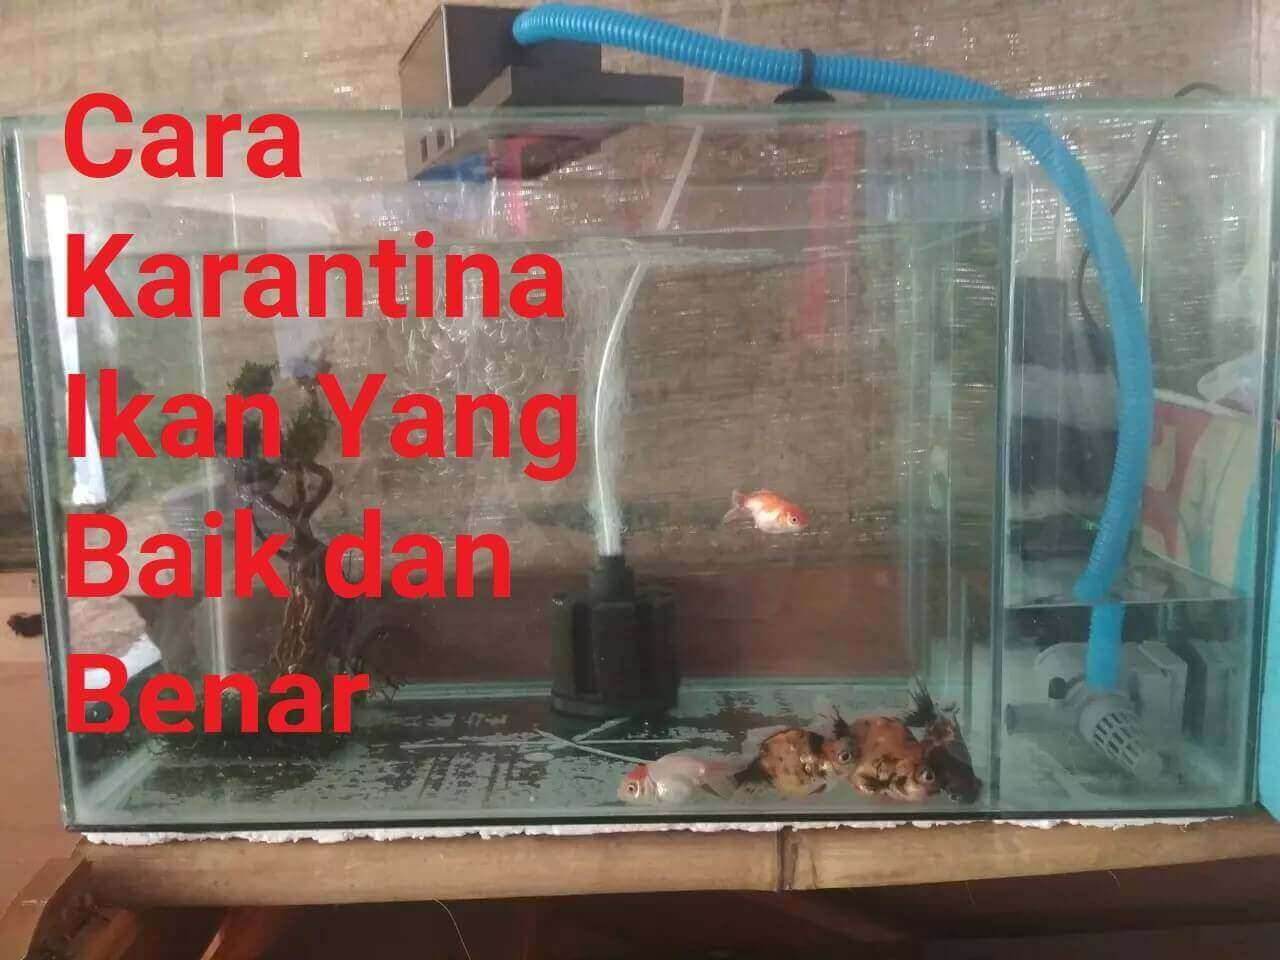 Cara Karantina Ikan Hias Yang Baik Dan Benar Ikanesia Id